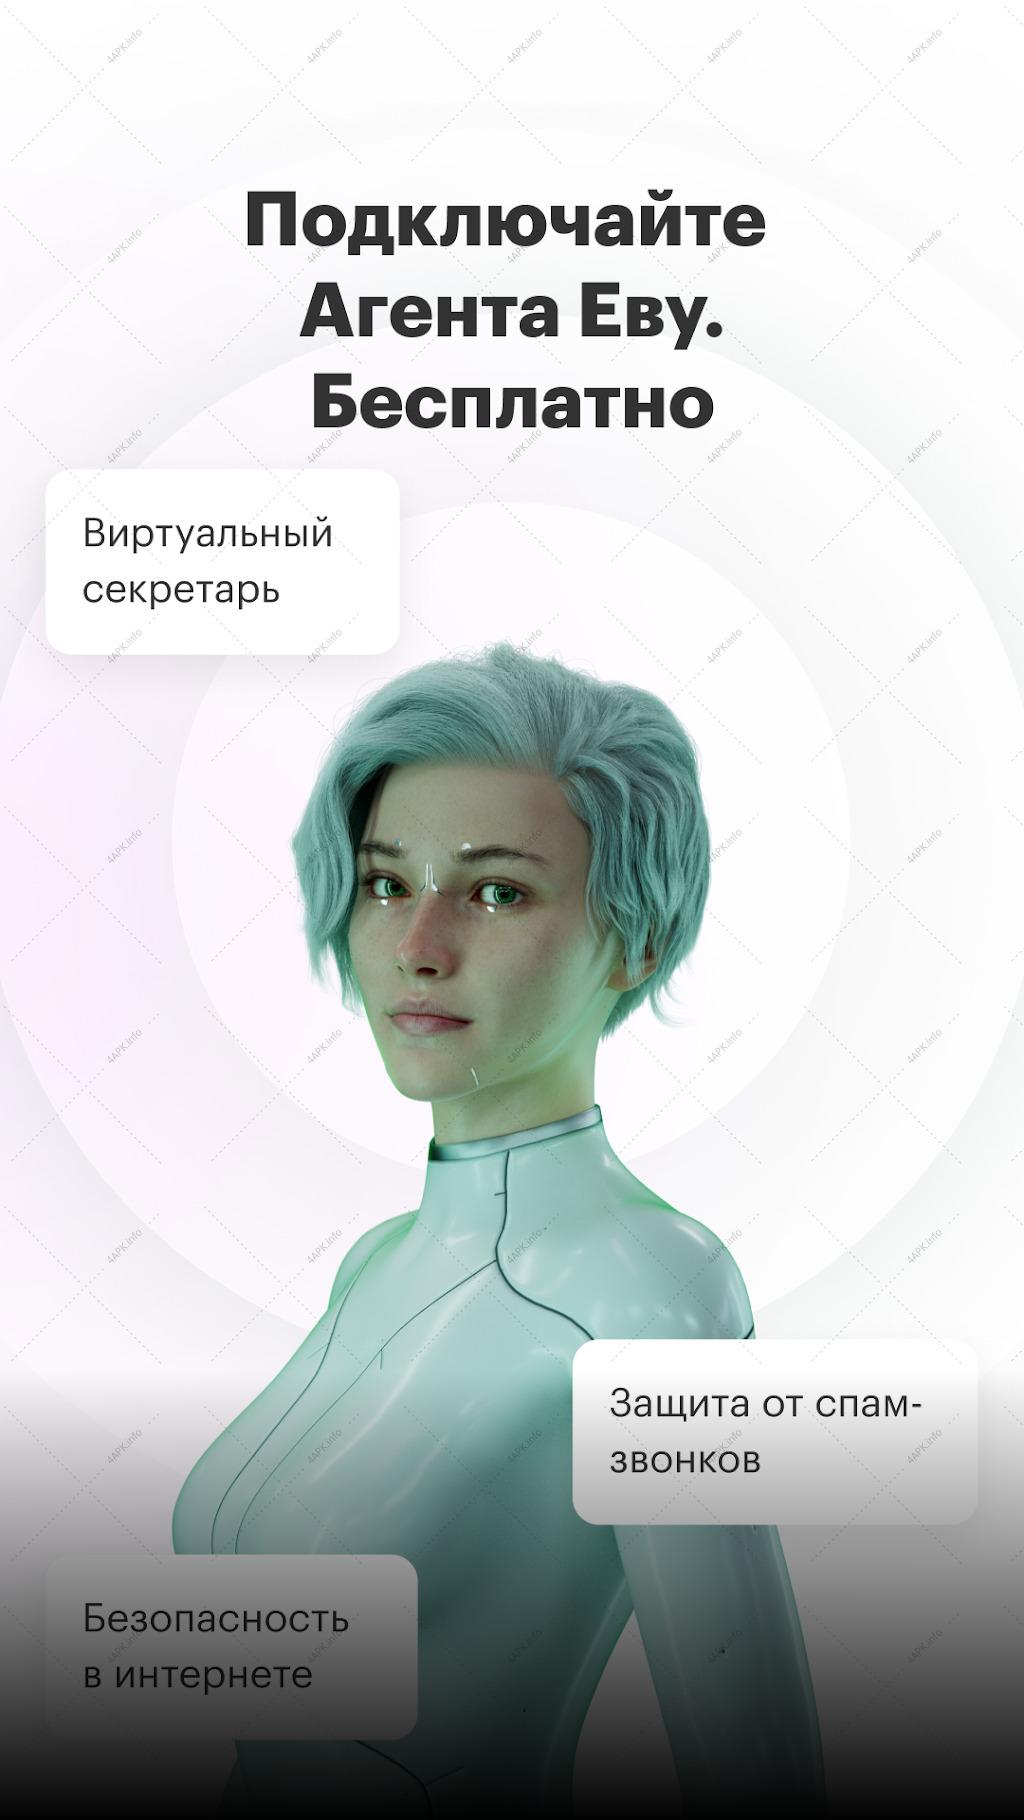 МегаФон: Личный кабинет screenshot